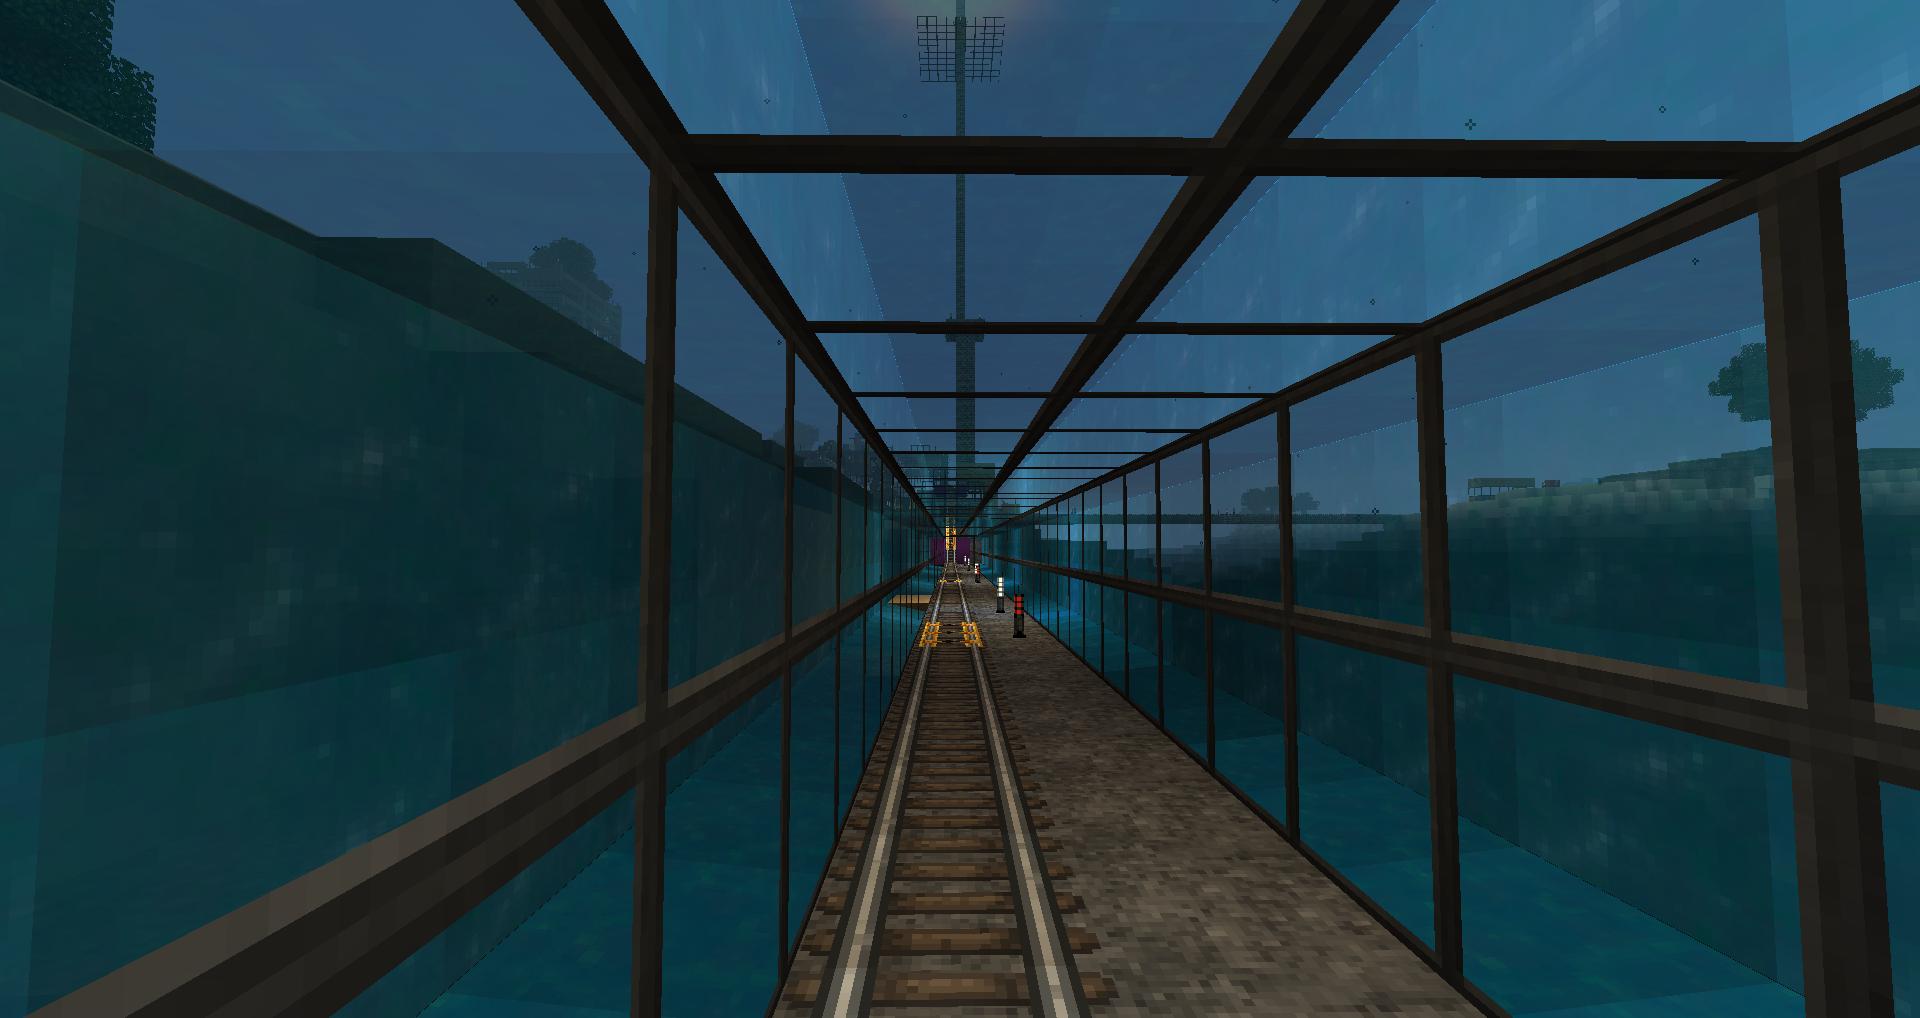 Minecraft Underwater Rail Tunnel Minecraftbuildings Games